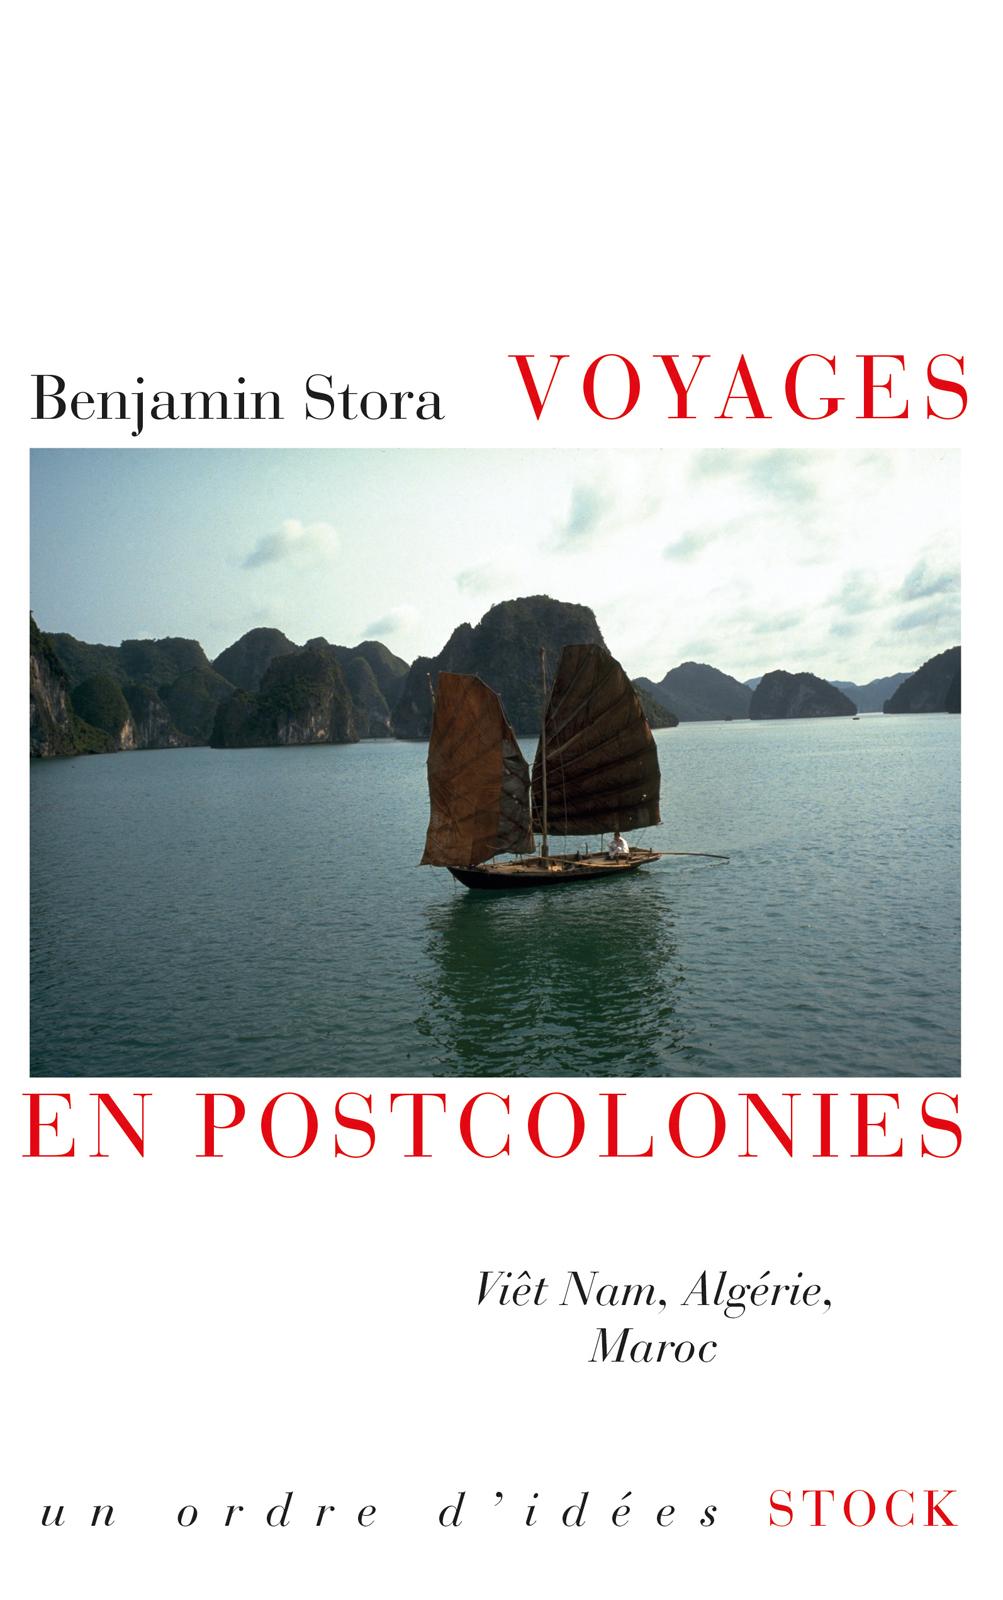 Voyages en postcolonies de Benjamin Stora